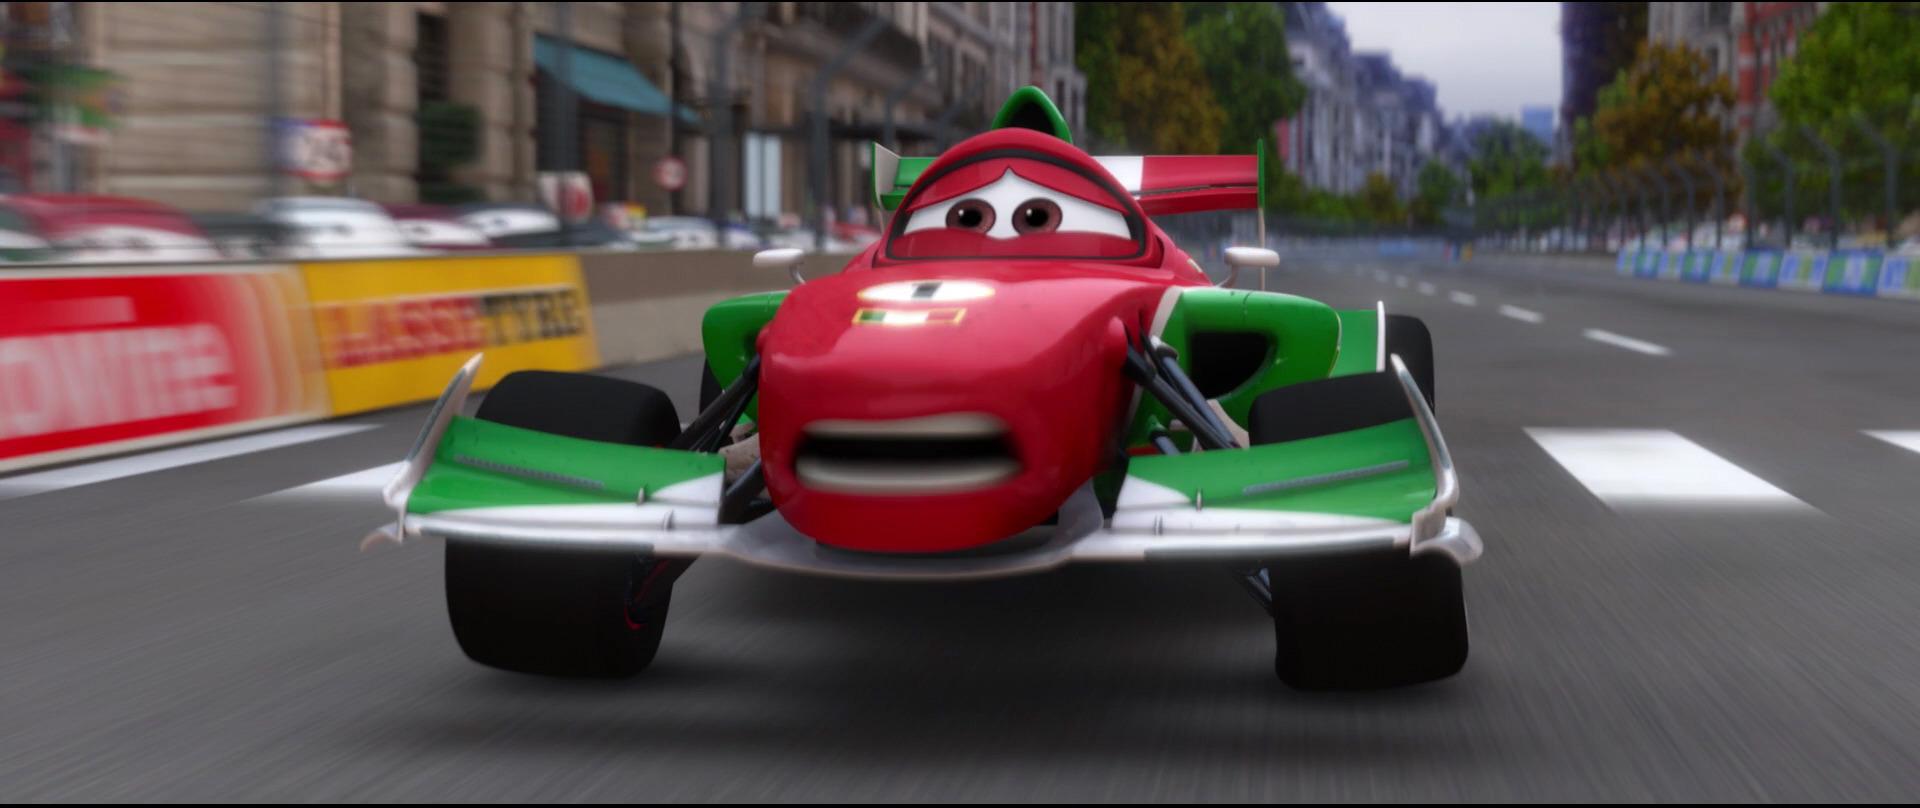 Image - Francesco london.jpg | Pixar Wiki | FANDOM powered by Wikia